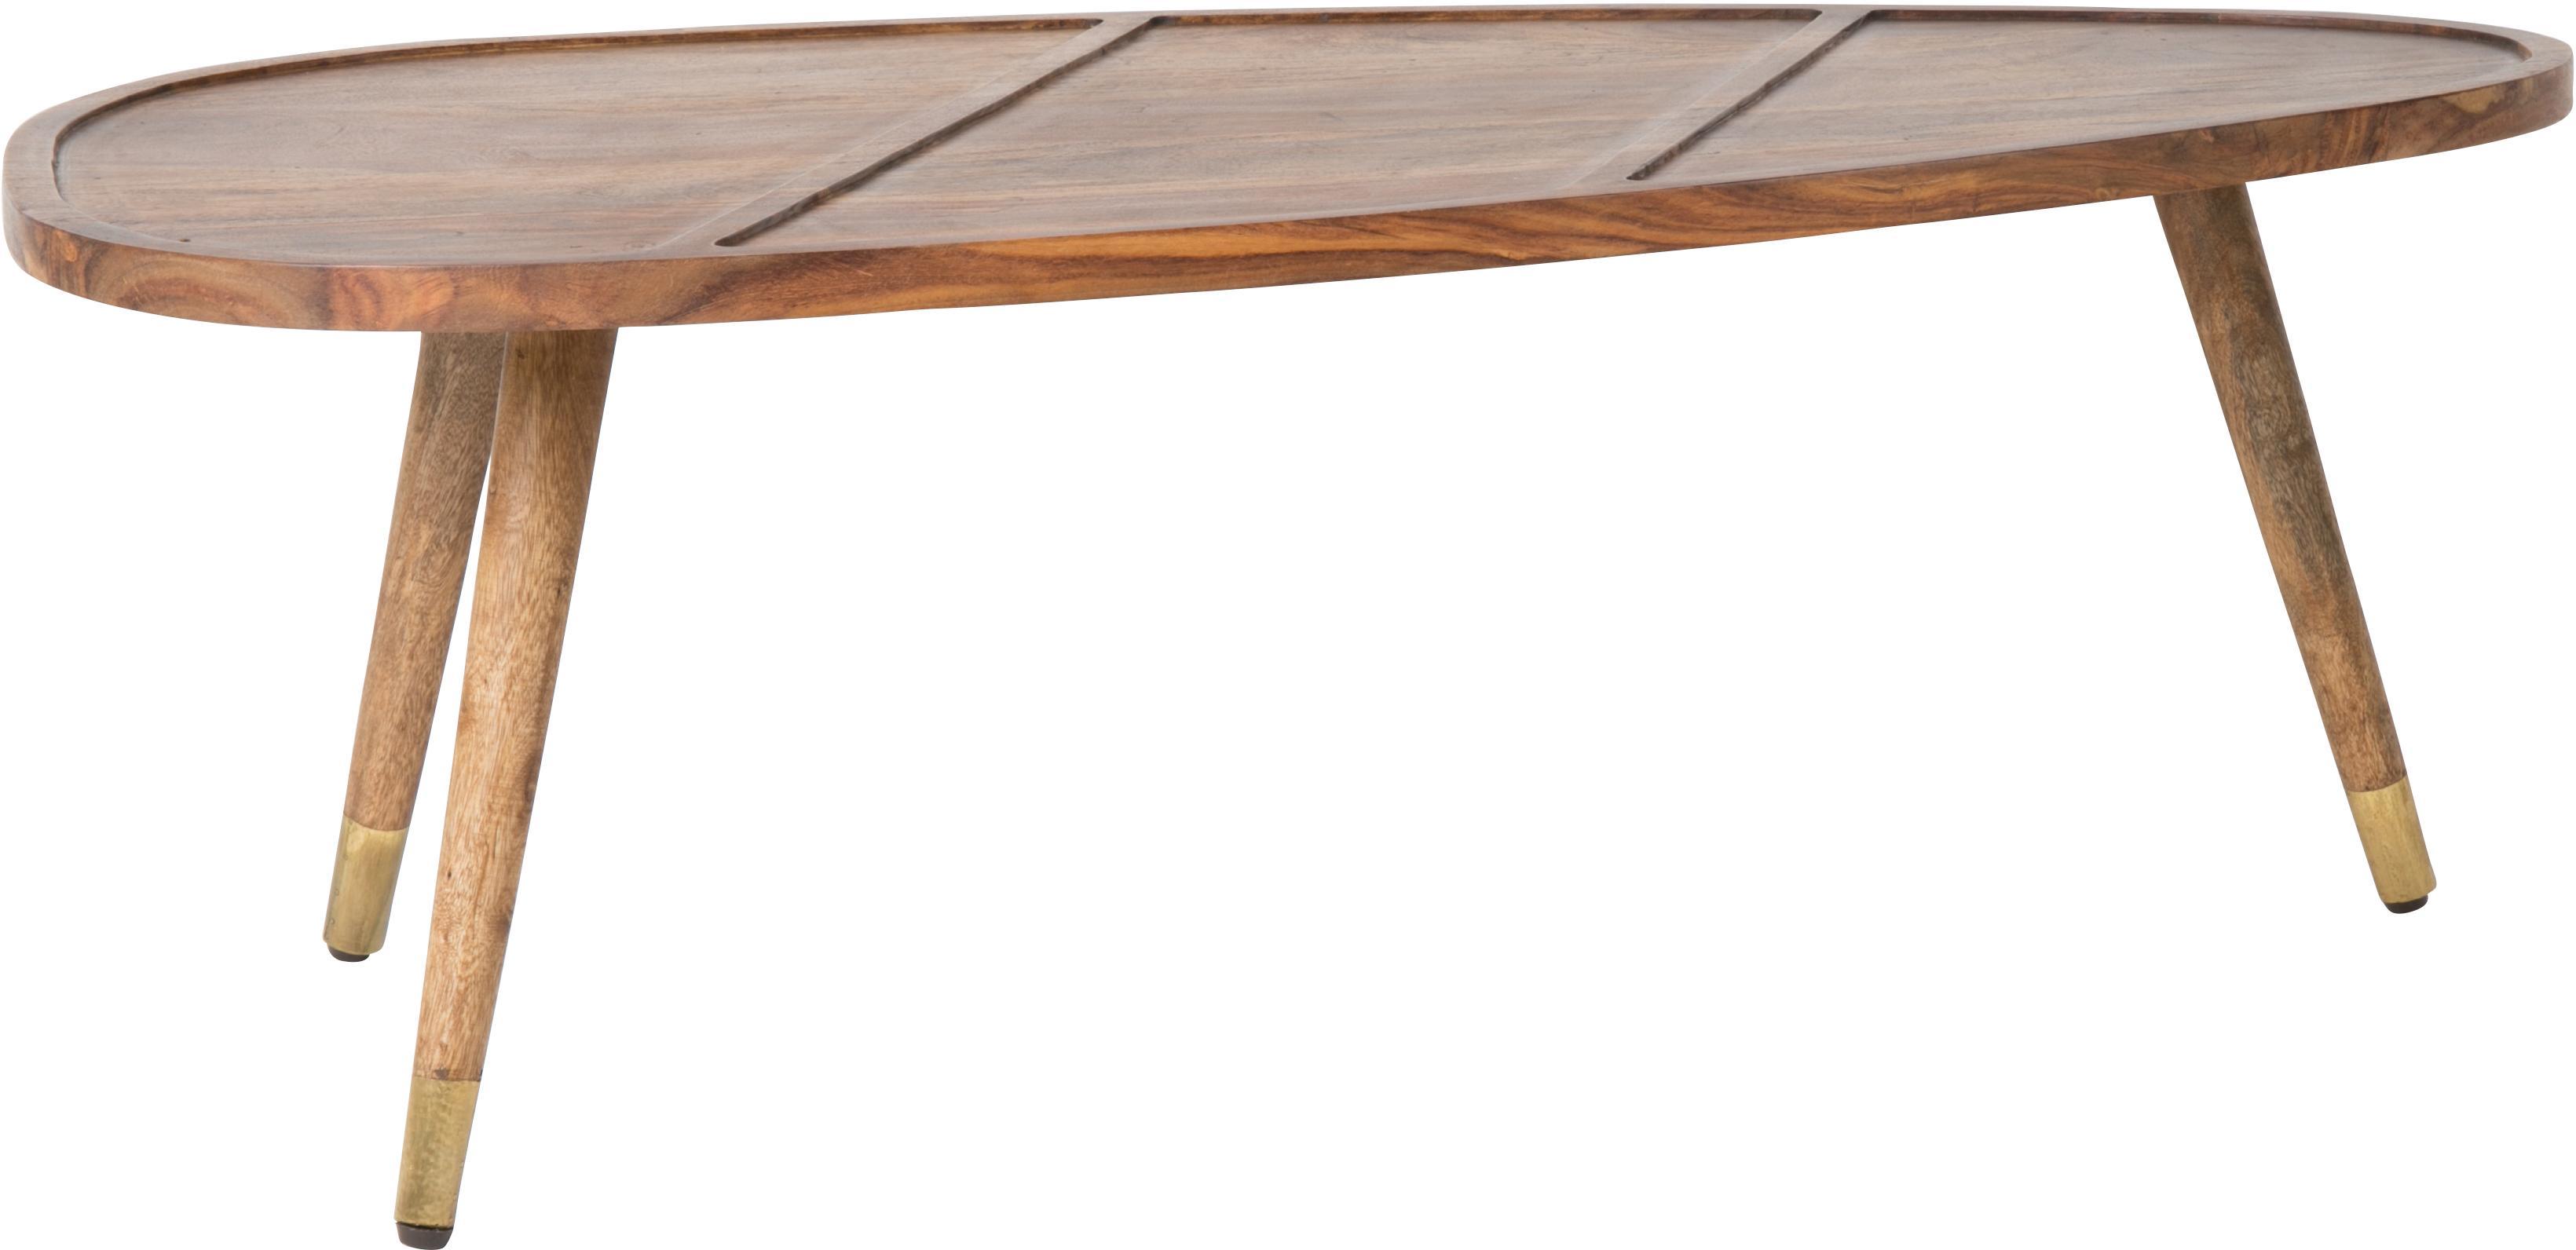 Set de mesas de centro de madera maciza Sham, 2uds., Madera de sheesham, dorado, An 110 x Al 40 cm